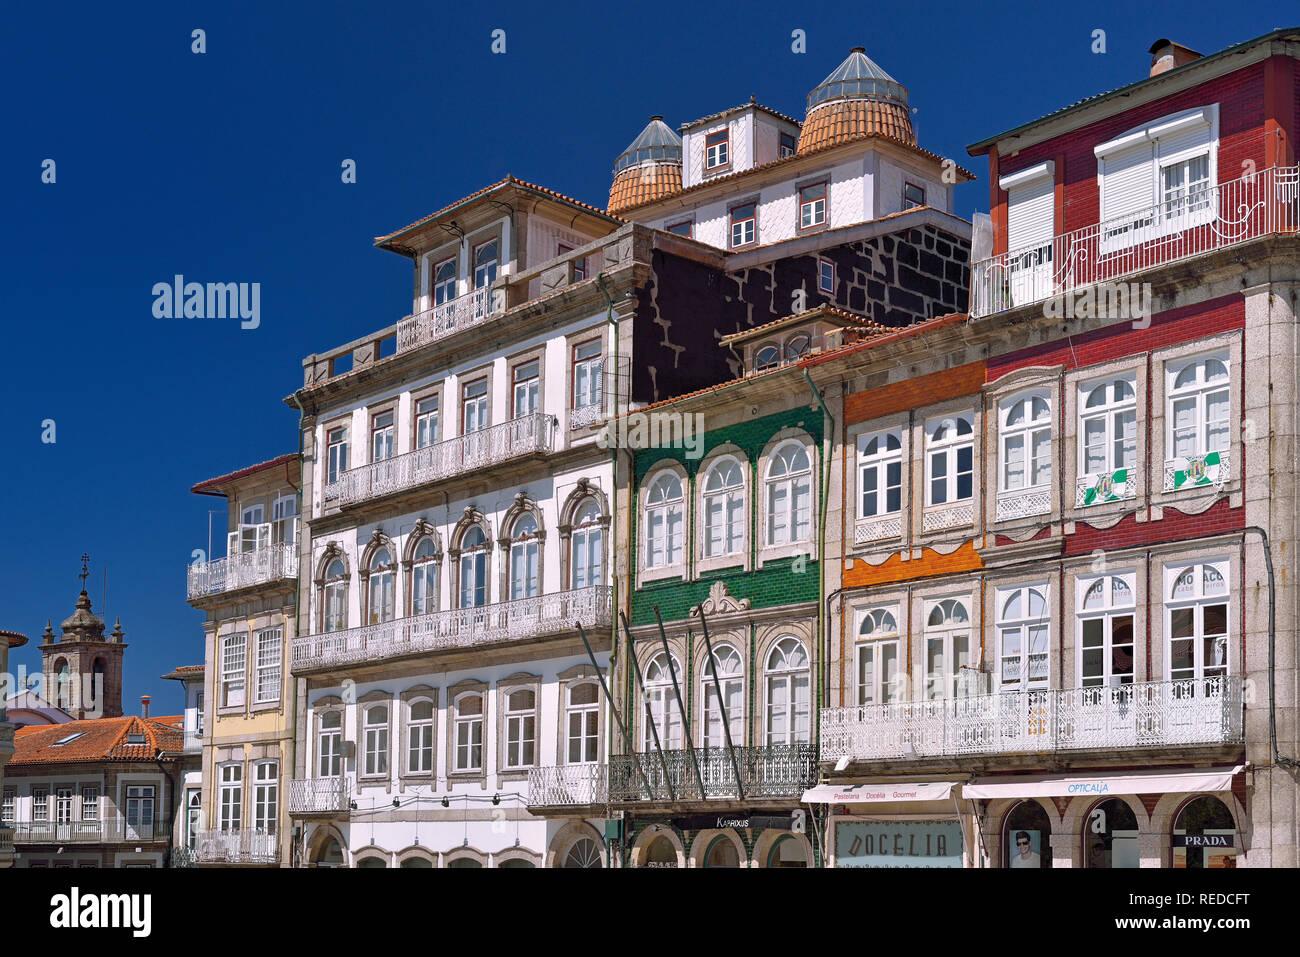 Tradizionali case cittadine e architettura intorno a Largo da Misericórdia nel centro storico di Guimaraes Immagini Stock